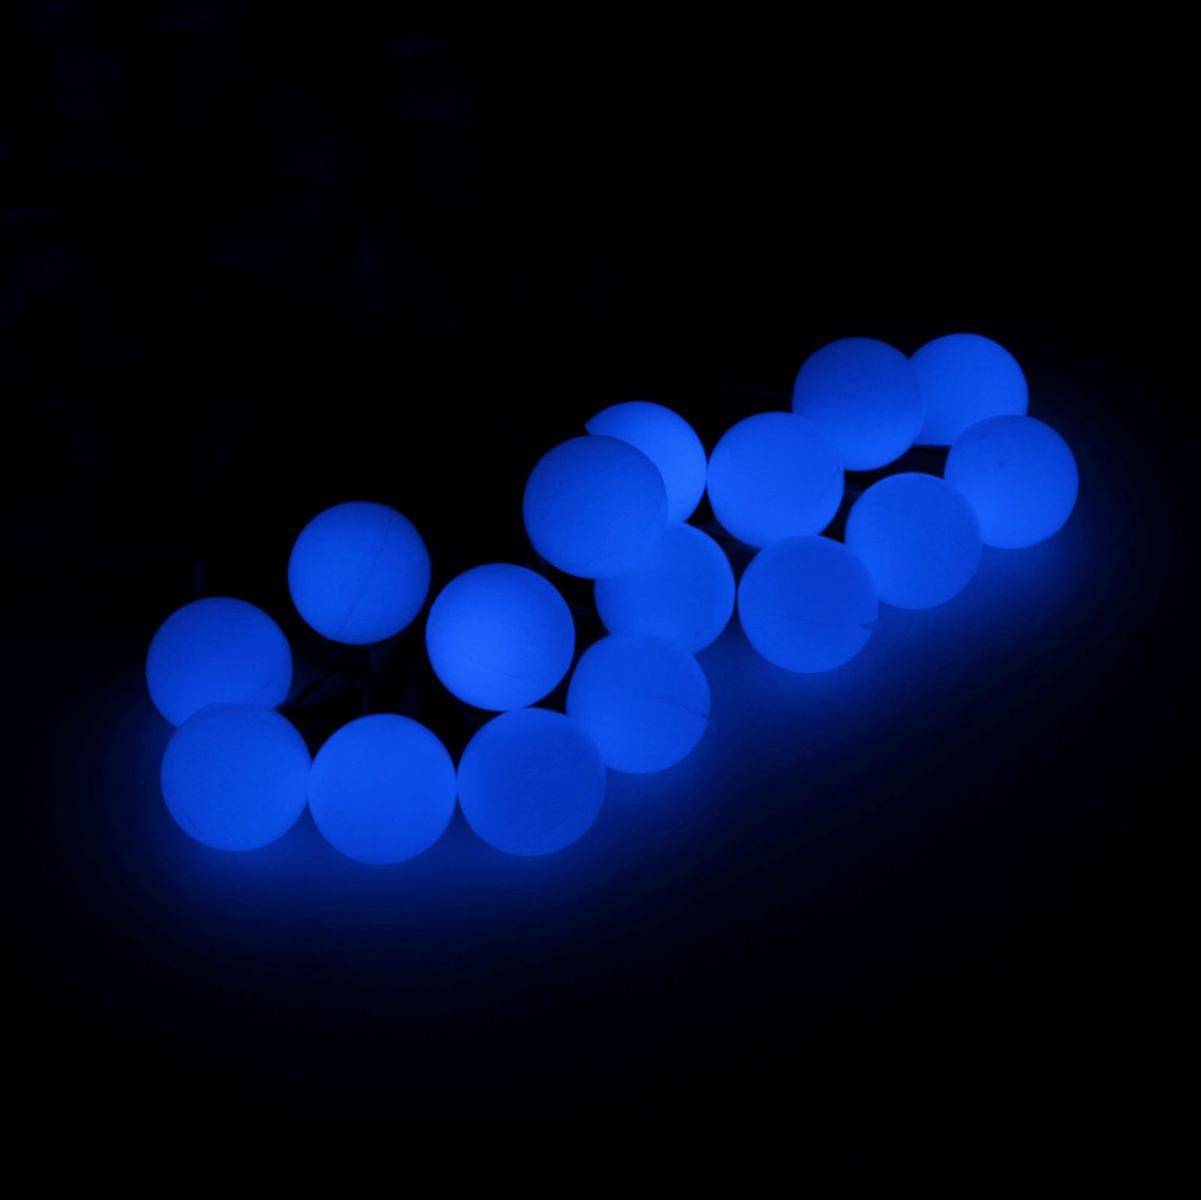 Гирлянда светодиодная Luazon Метраж. Шарики большие, уличная с насадкой, 8 режимов, 100 ламп, 220 V, 10 м, цвет: синий. 185540185540Светодиодные гирлянды, ленты и т.д. — это отличный вариант для новогоднего оформления интерьера или фасада. С их помощью помещение любого размера можно превратить в праздничный зал, а внешние элементы зданий, украшенные ими, мгновенно станут напоминать очертания сказочного дворца. Такие украшения создают ауру предвкушения чуда. Деревья, фасады, витрины, окна и арки будто специально созданы, чтобы вы украсили их светящимися нитями.